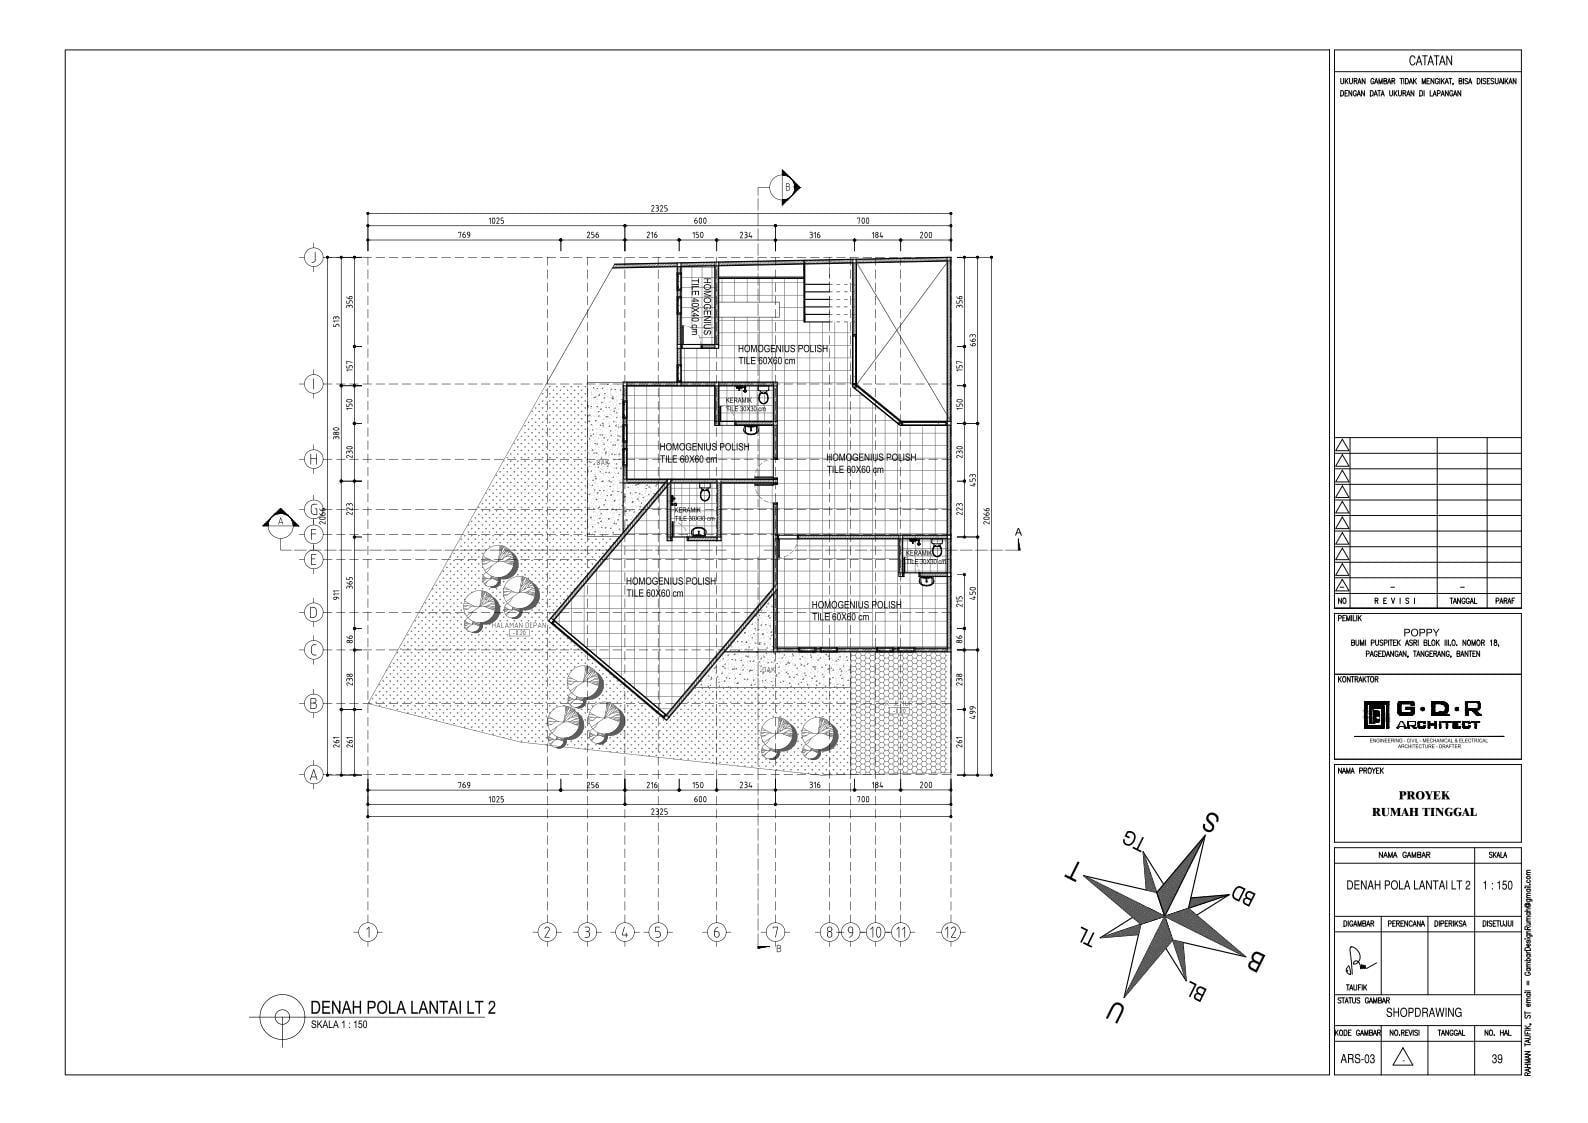 Jasa Desain Rumah Contoh Paket Gambar Kerja 39 DENAH POLA LANTAI LT 2